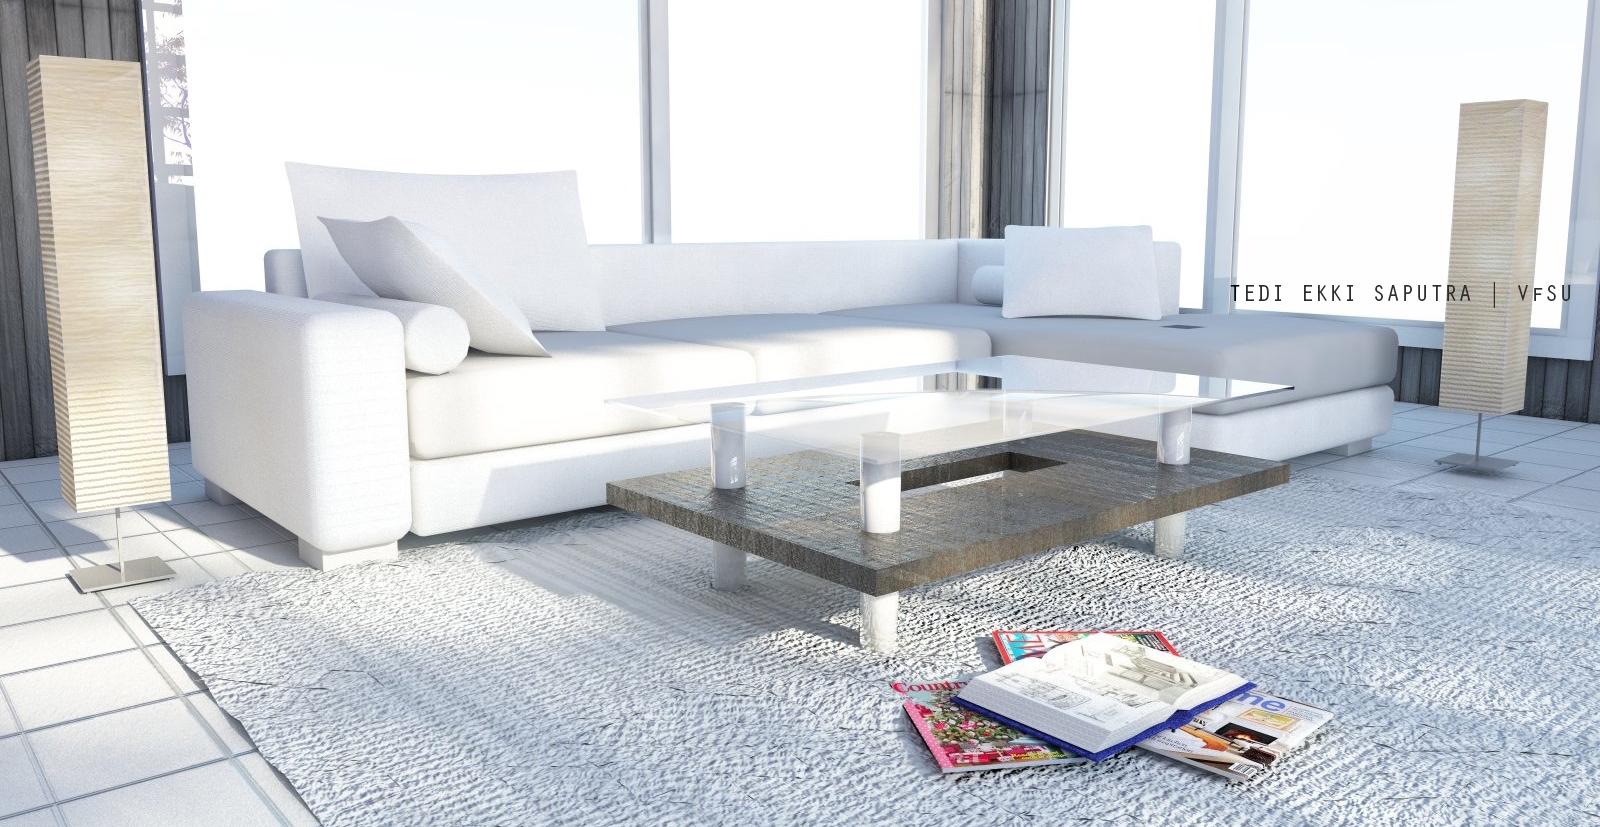 Contoh Ruang Keluarga dengan Warna Putih - sumber : dokumentasi Narasi Design